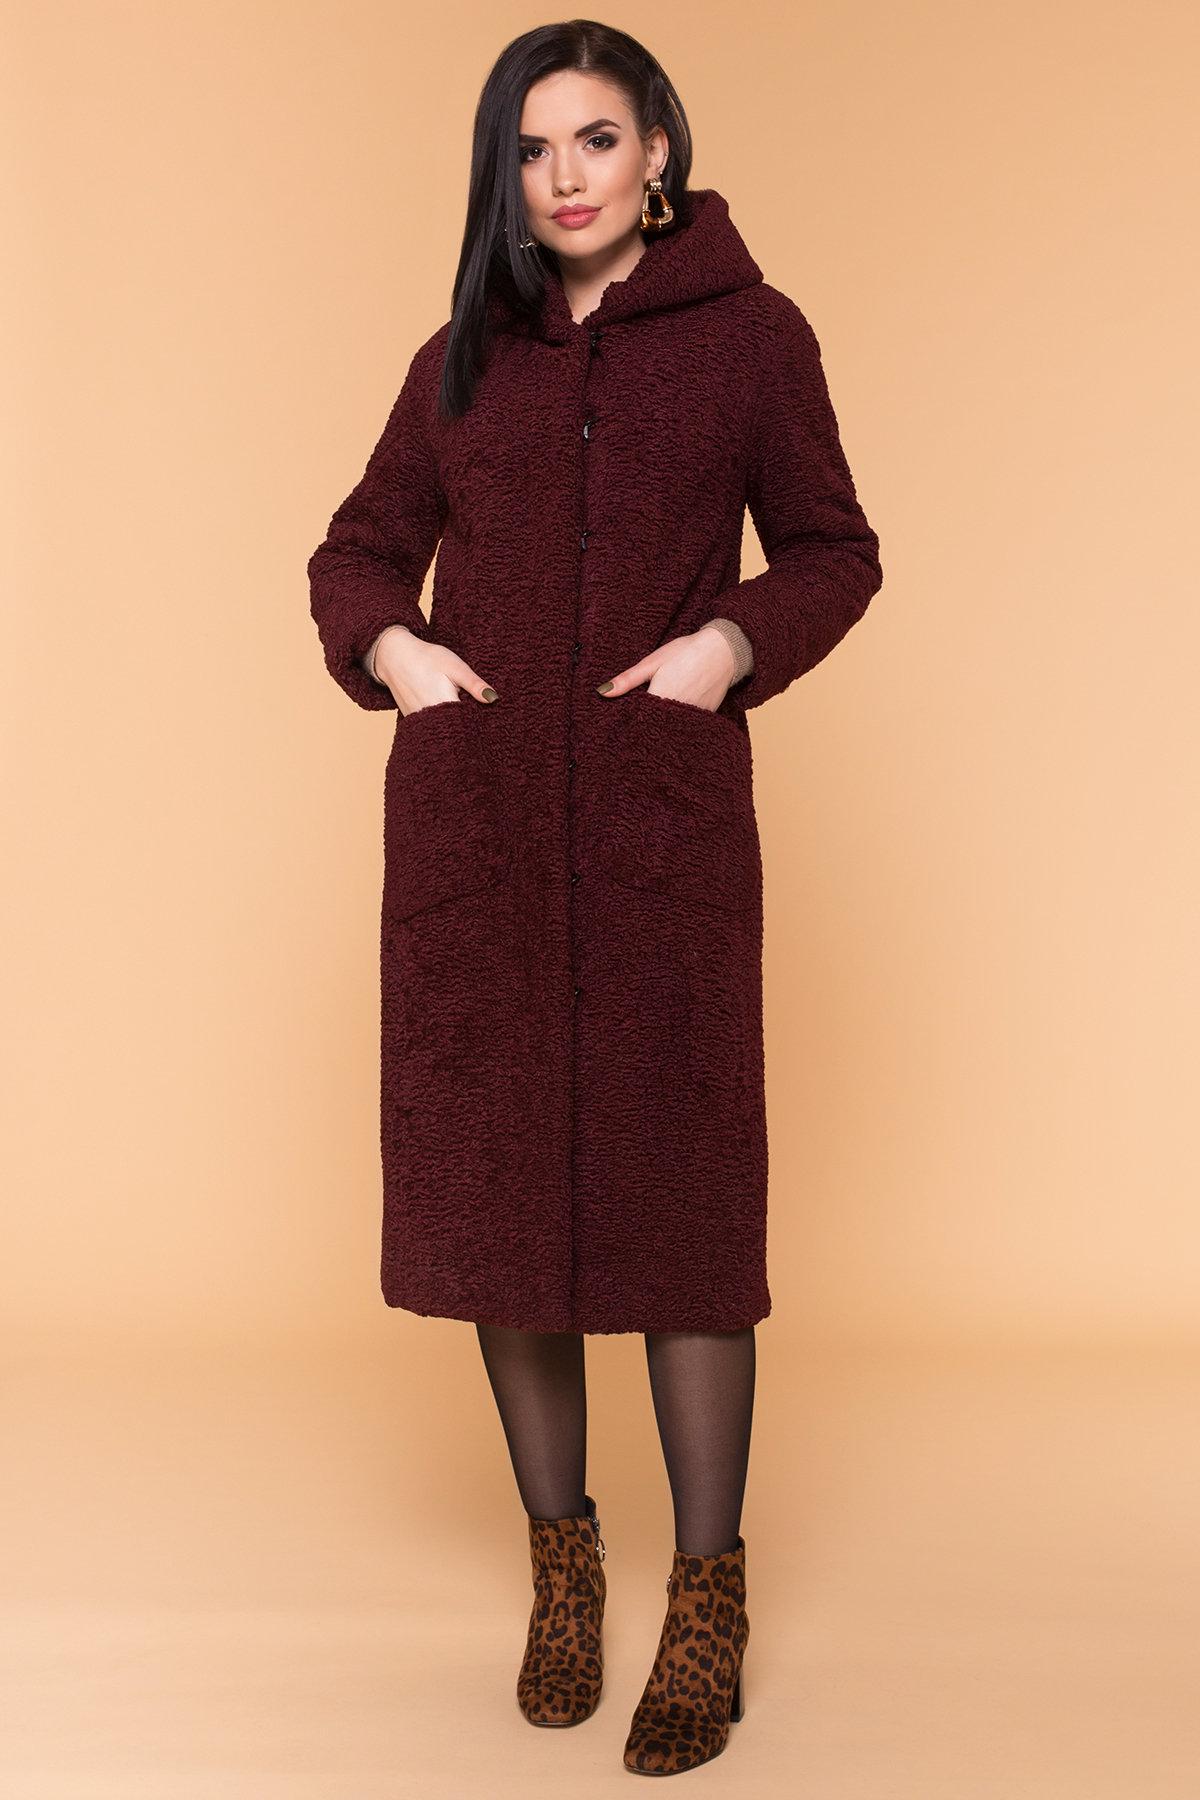 Пальто из искусственного каракуля Анита макси 6012 Цвет: Марсала